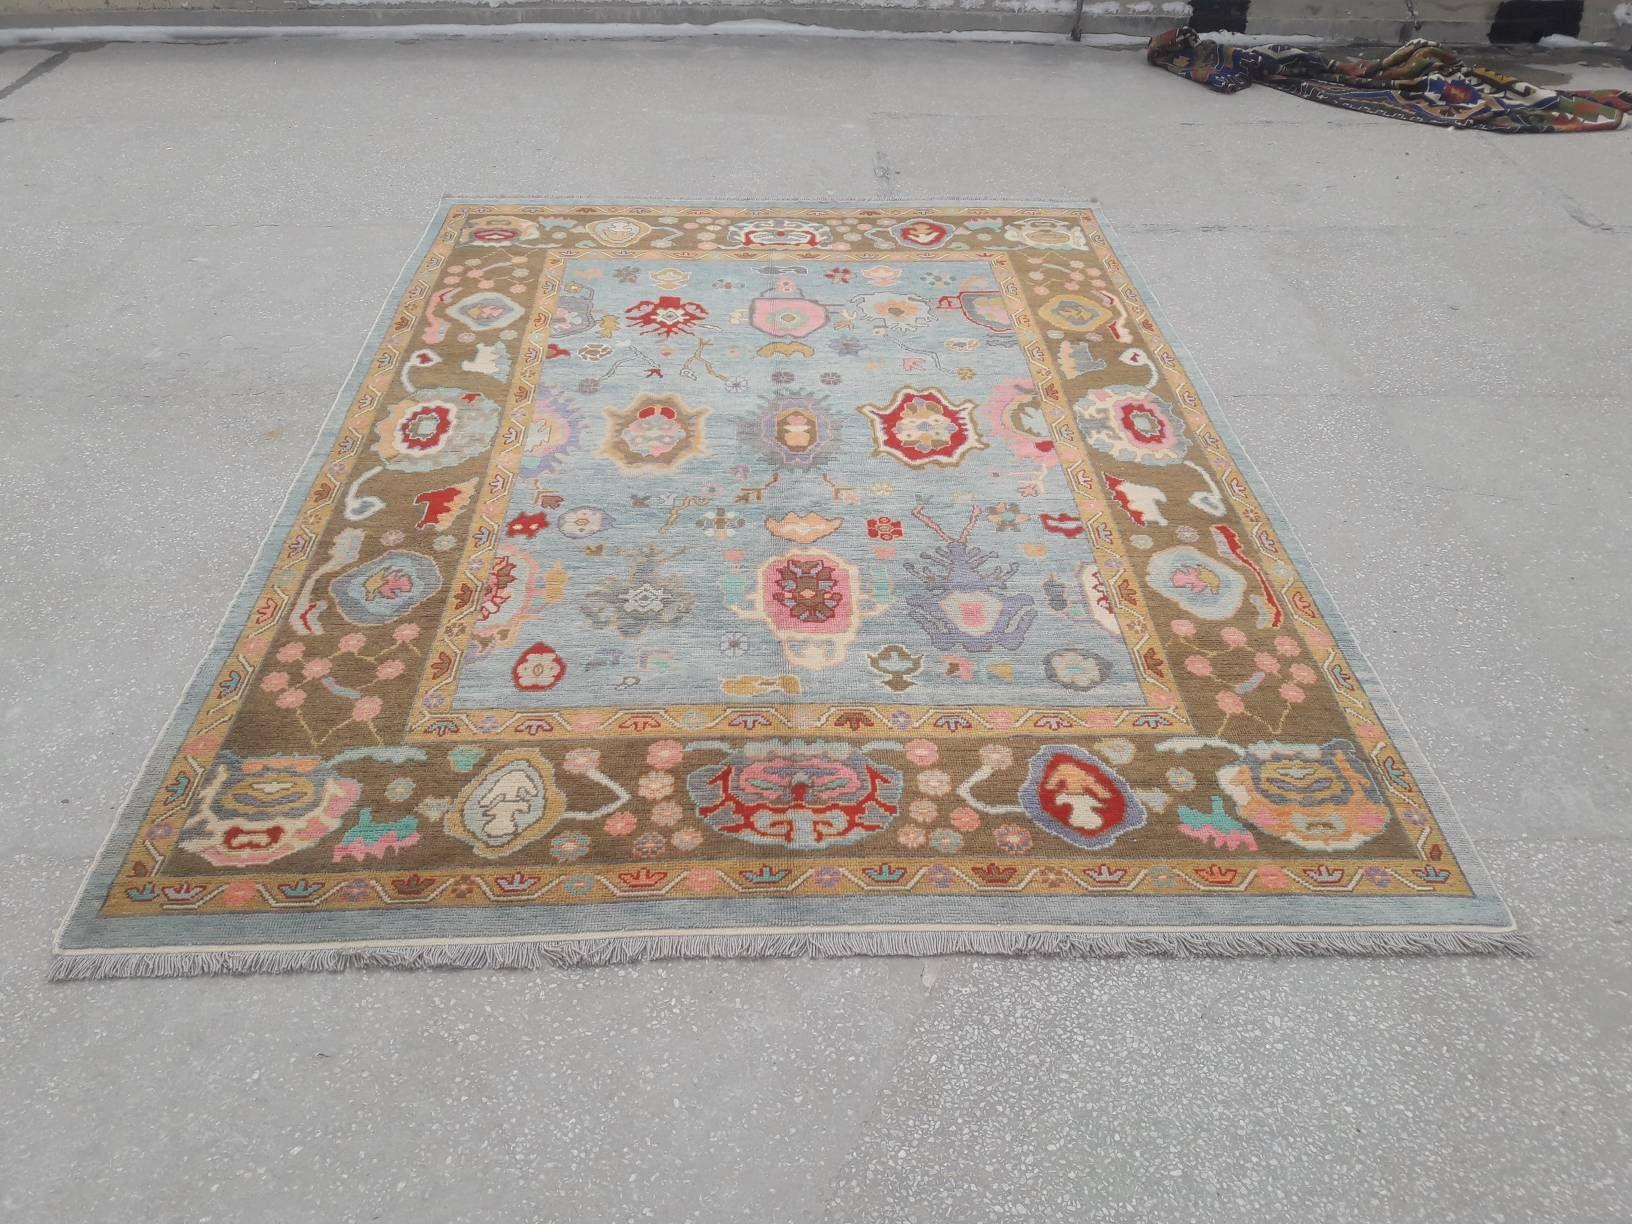 10 X 13 Oushak Rug 9 3 X 13 Ft Large Size Etsy In 2020 Turkish Oushak Rugs Rugs On Carpet Oushak Rug